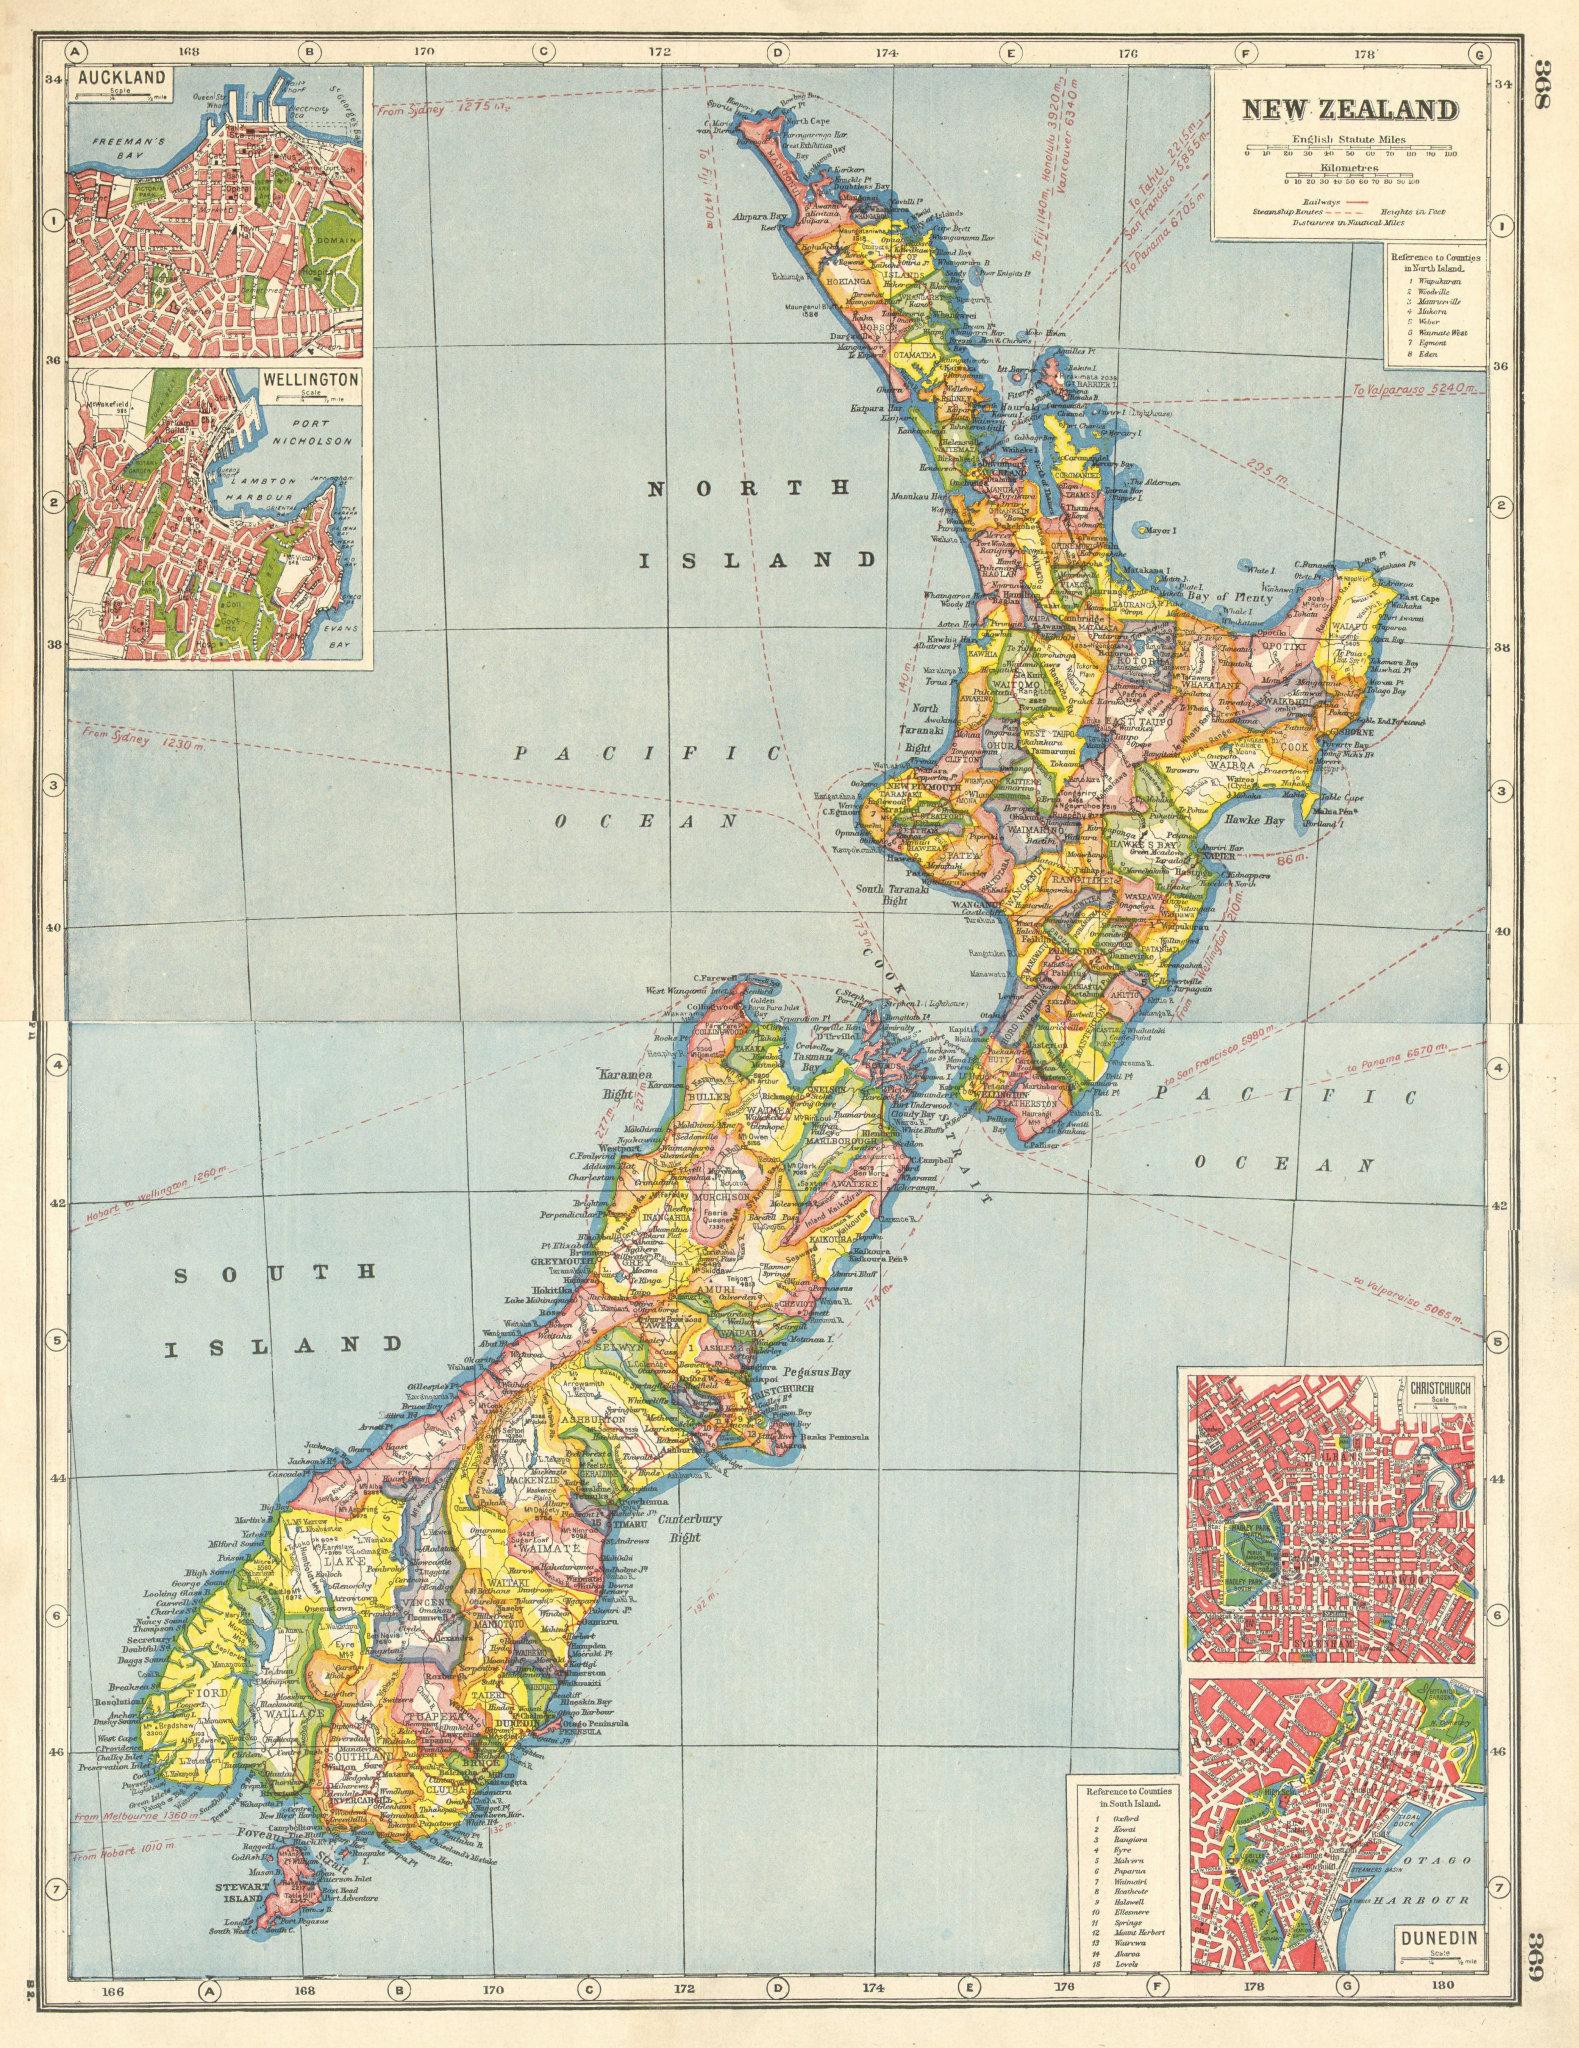 Associate Product NEW ZEALAND. Counties. Auckland Wellington Christchurch Dunedin plans 1920 map